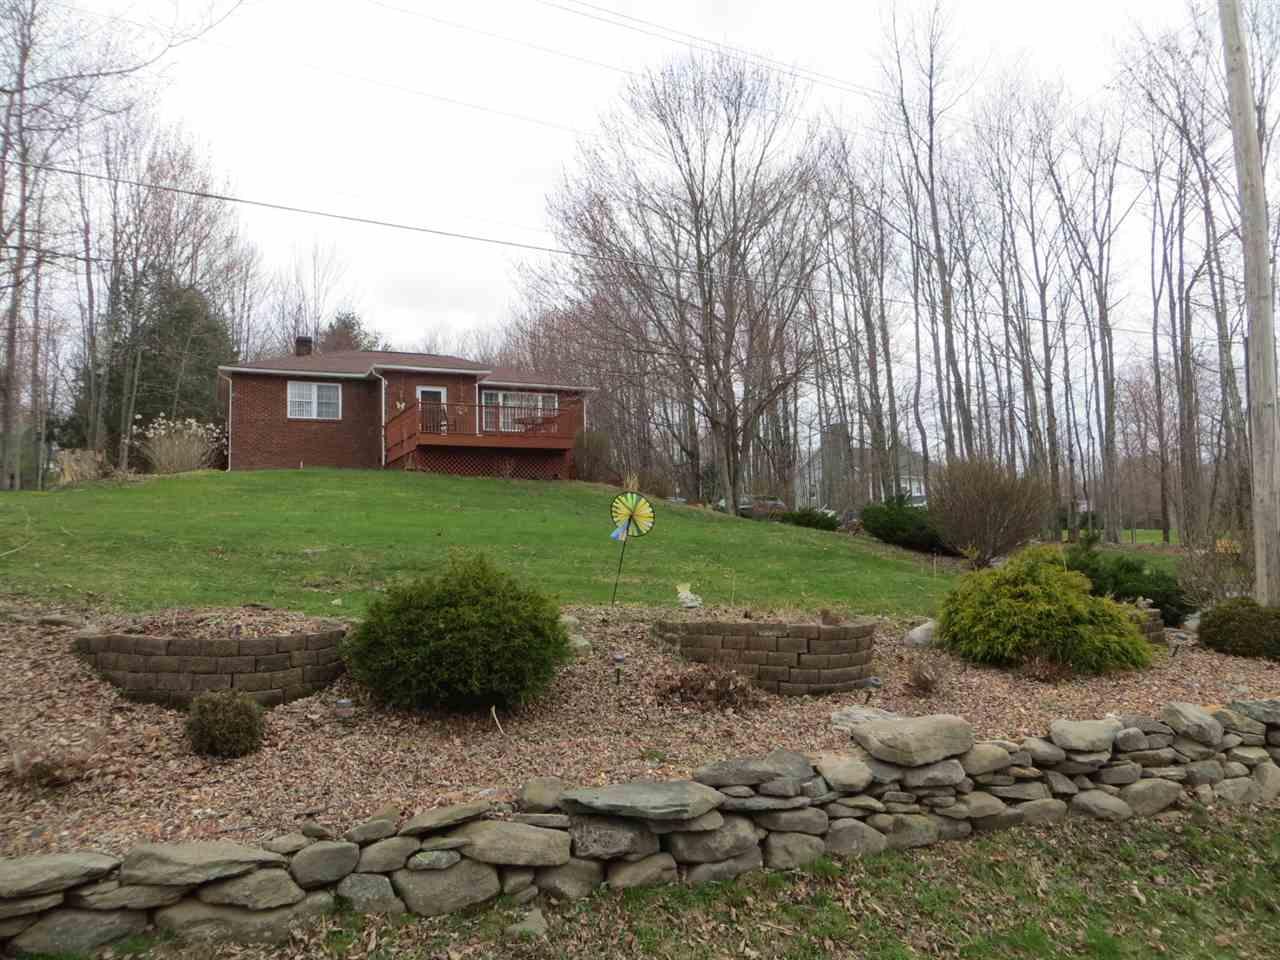 Real Estate for Sale, ListingId: 33027052, Woodridge,NY12789